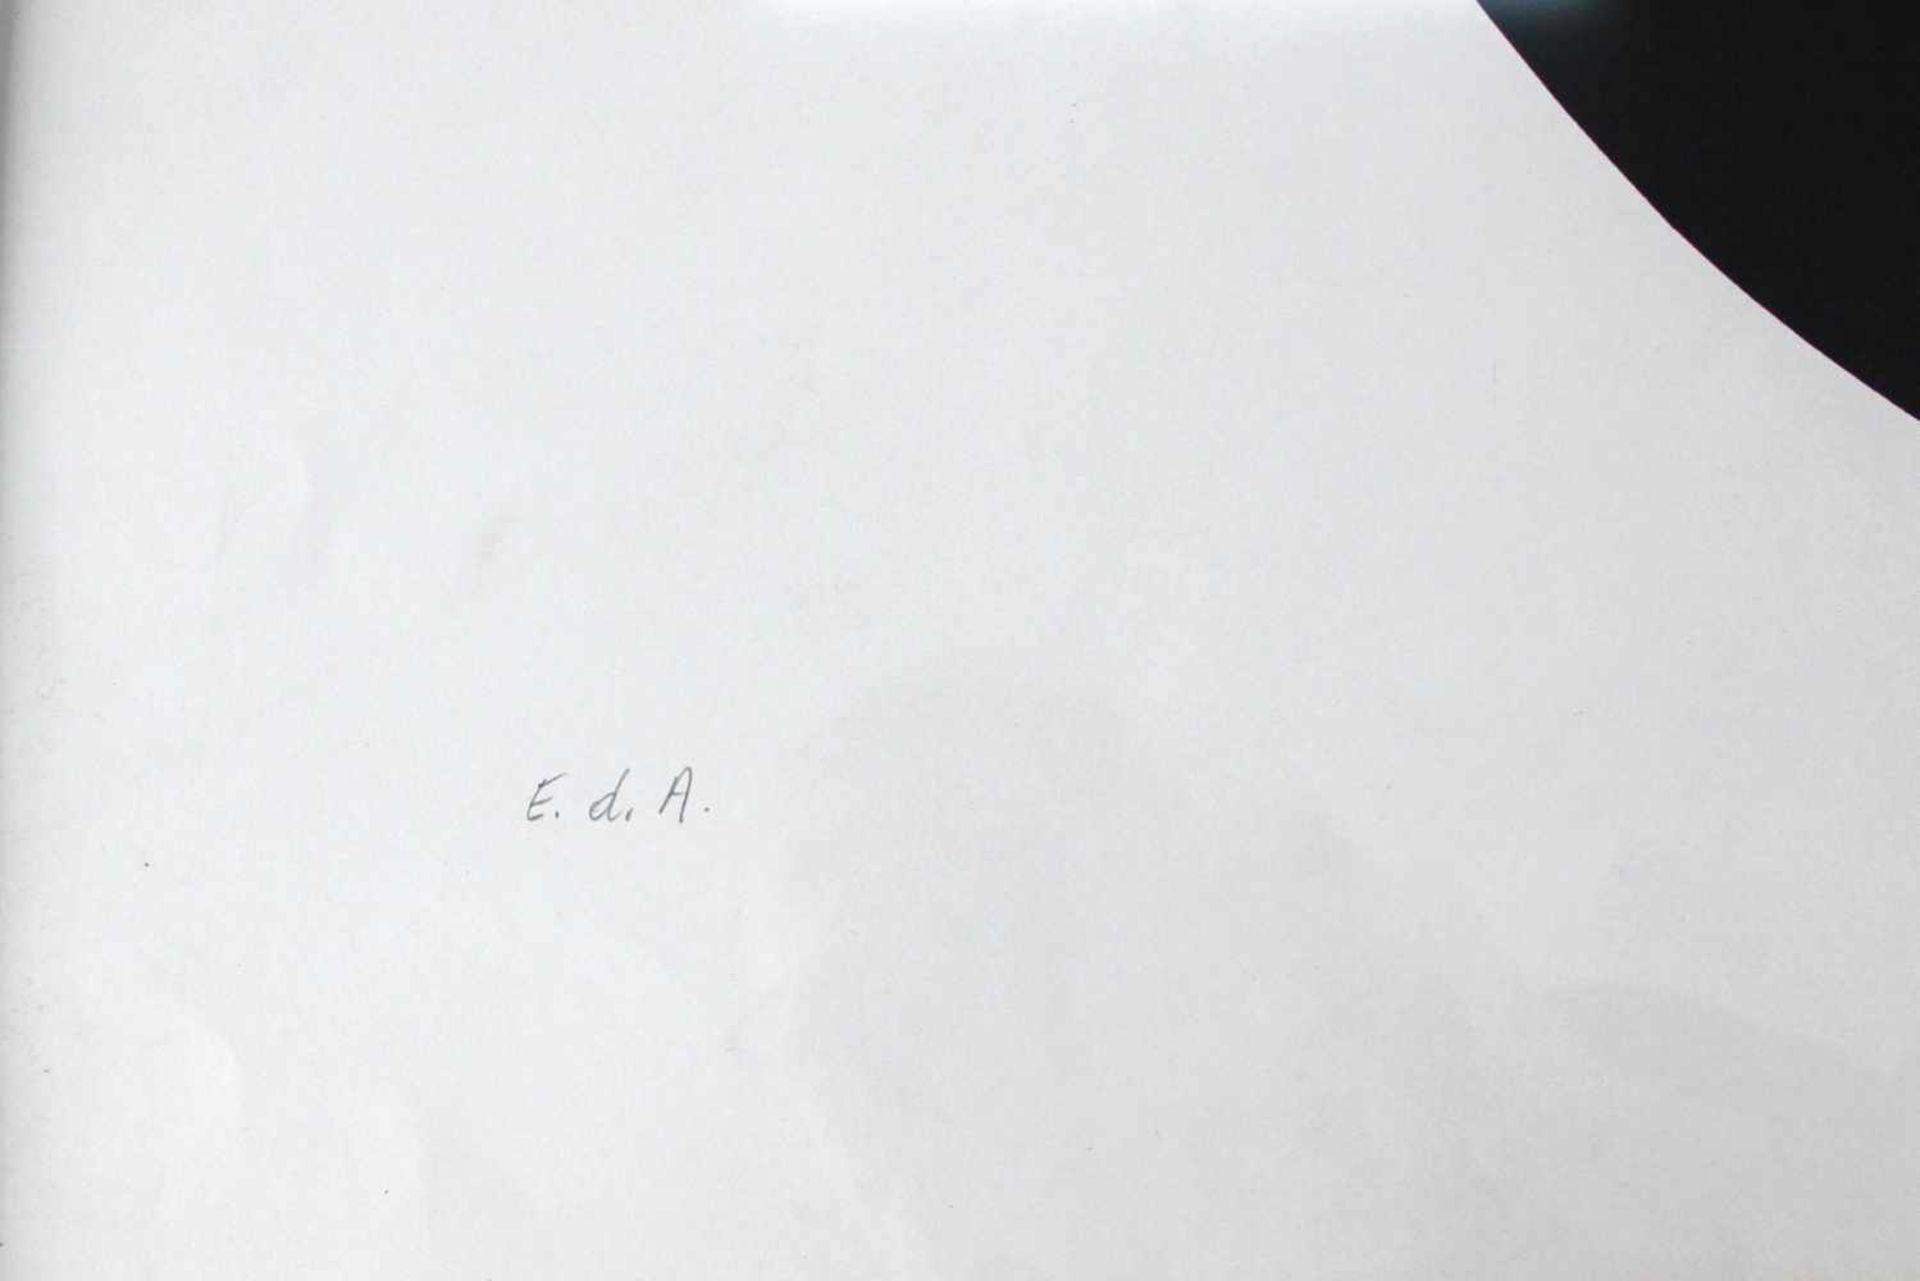 Hermann J. Painitz geb. 1938 Zahl und Zentrum 1968 Farbserigraphie handsigniert, betitelt, datiert - Bild 5 aus 5